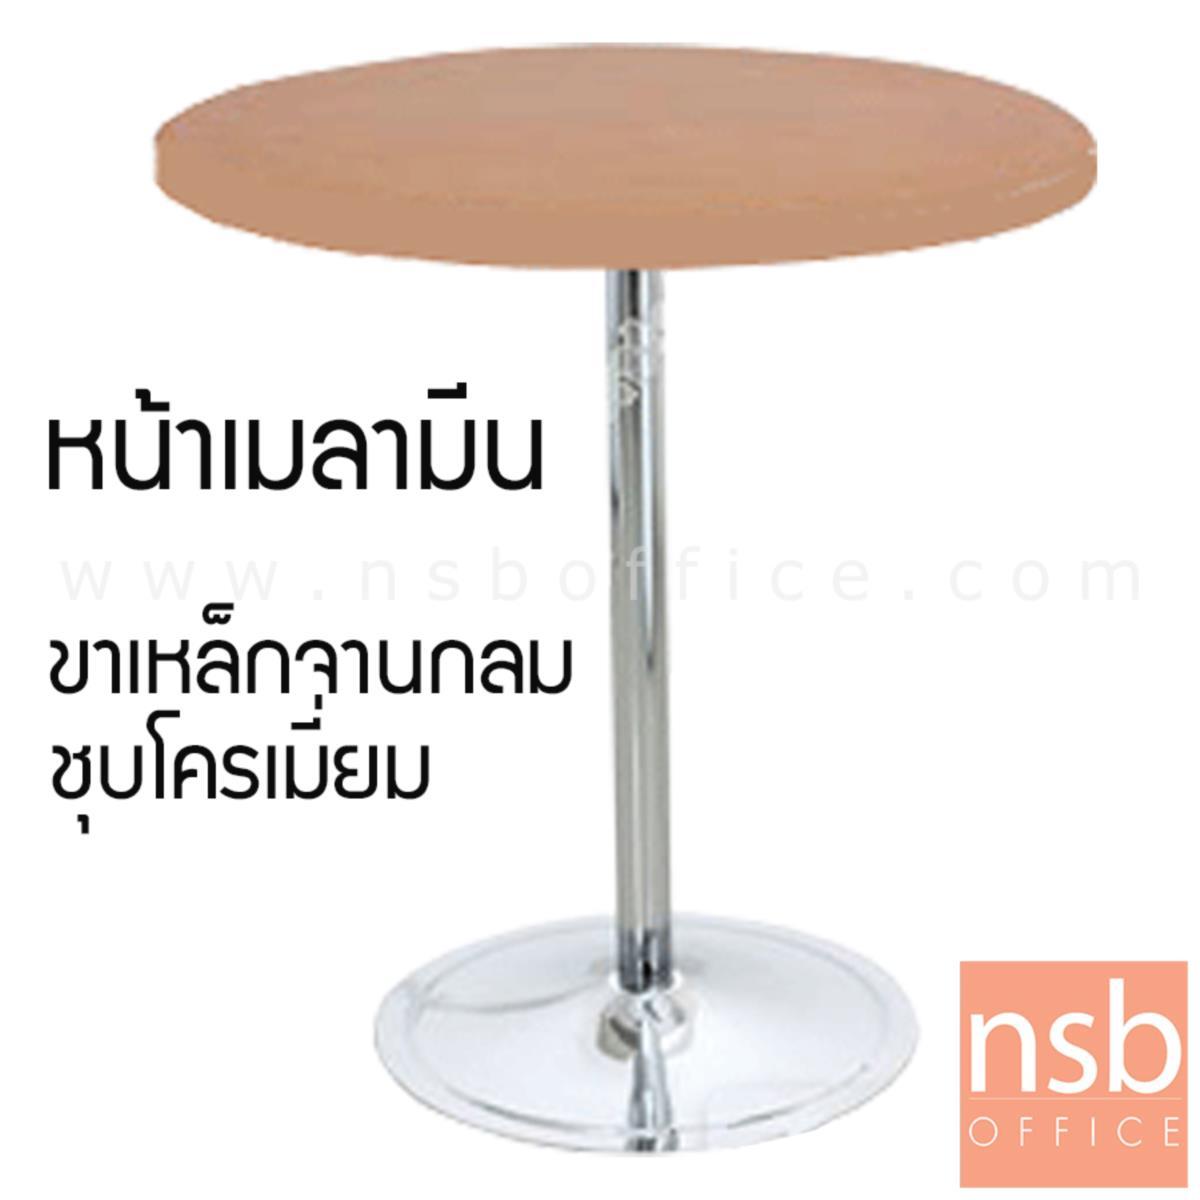 โต๊ะหน้าเมลามีน 25 มม. รุ่น Beaumont 1 (โบมอนต์ 1) ขนาด 60W ,75W ,60Di ,75Di cm.  ขาเหล็กฐานจานกลมโครเมี่ยม